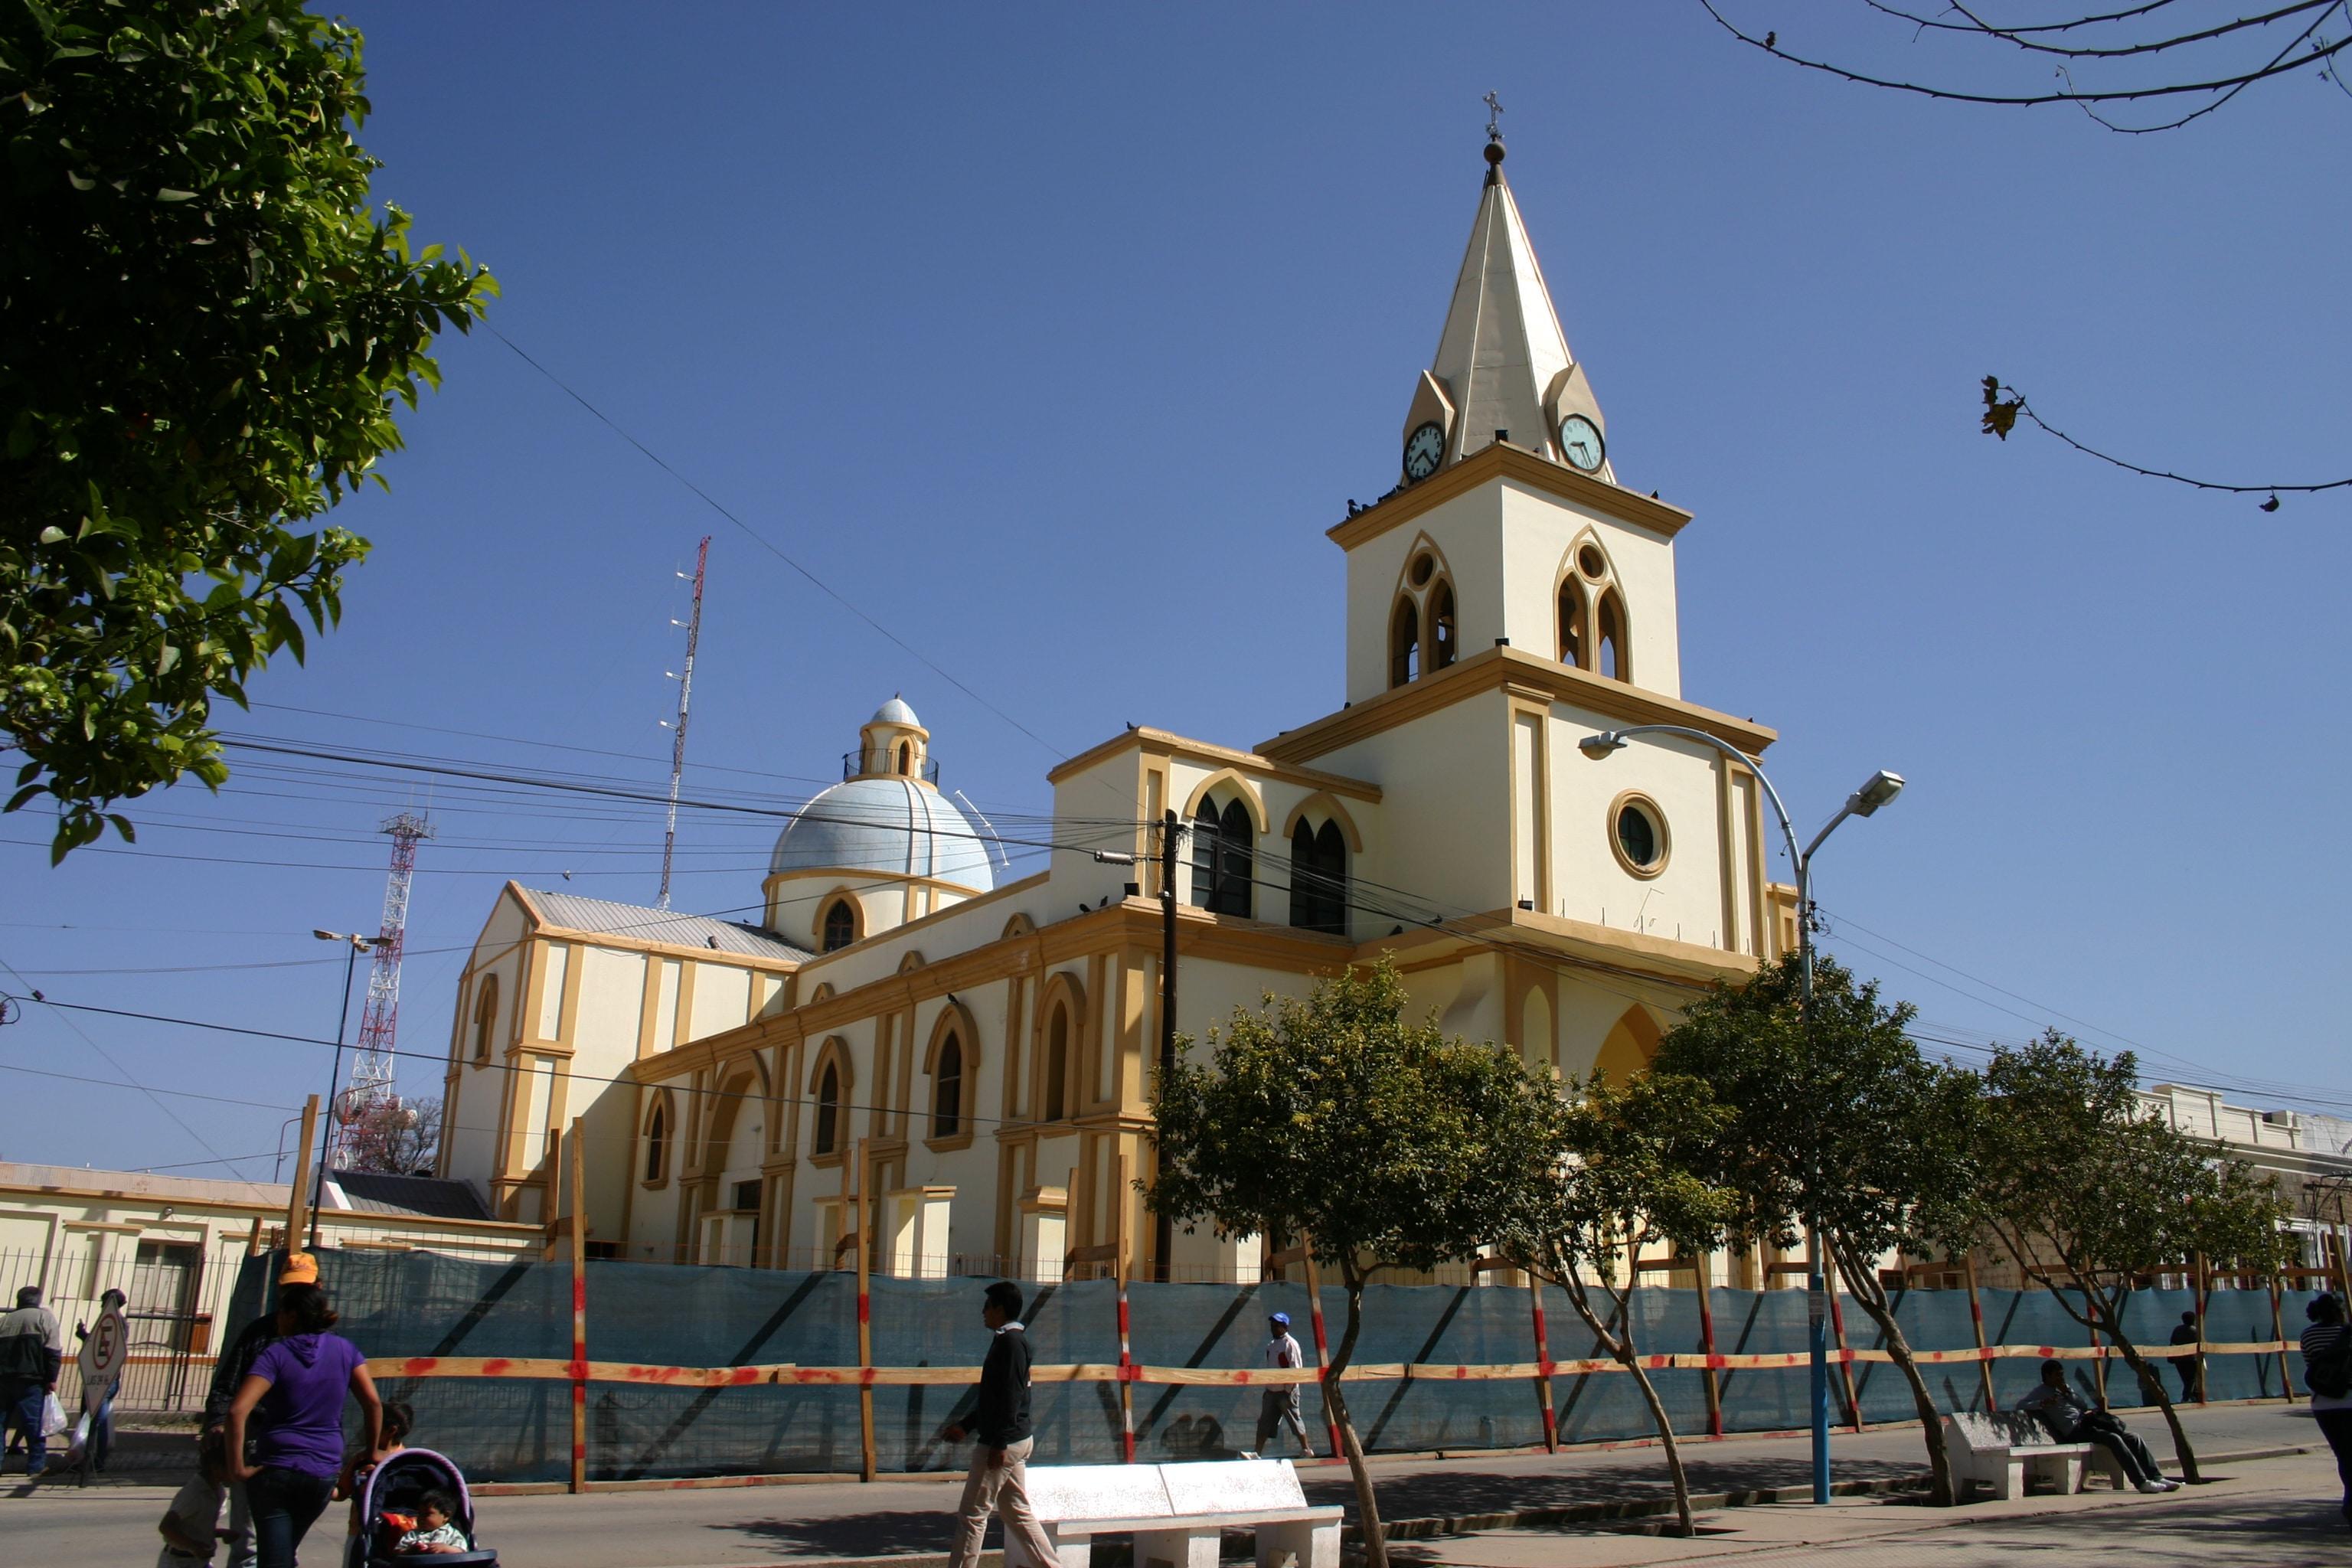 Catamarca-Argentina-26